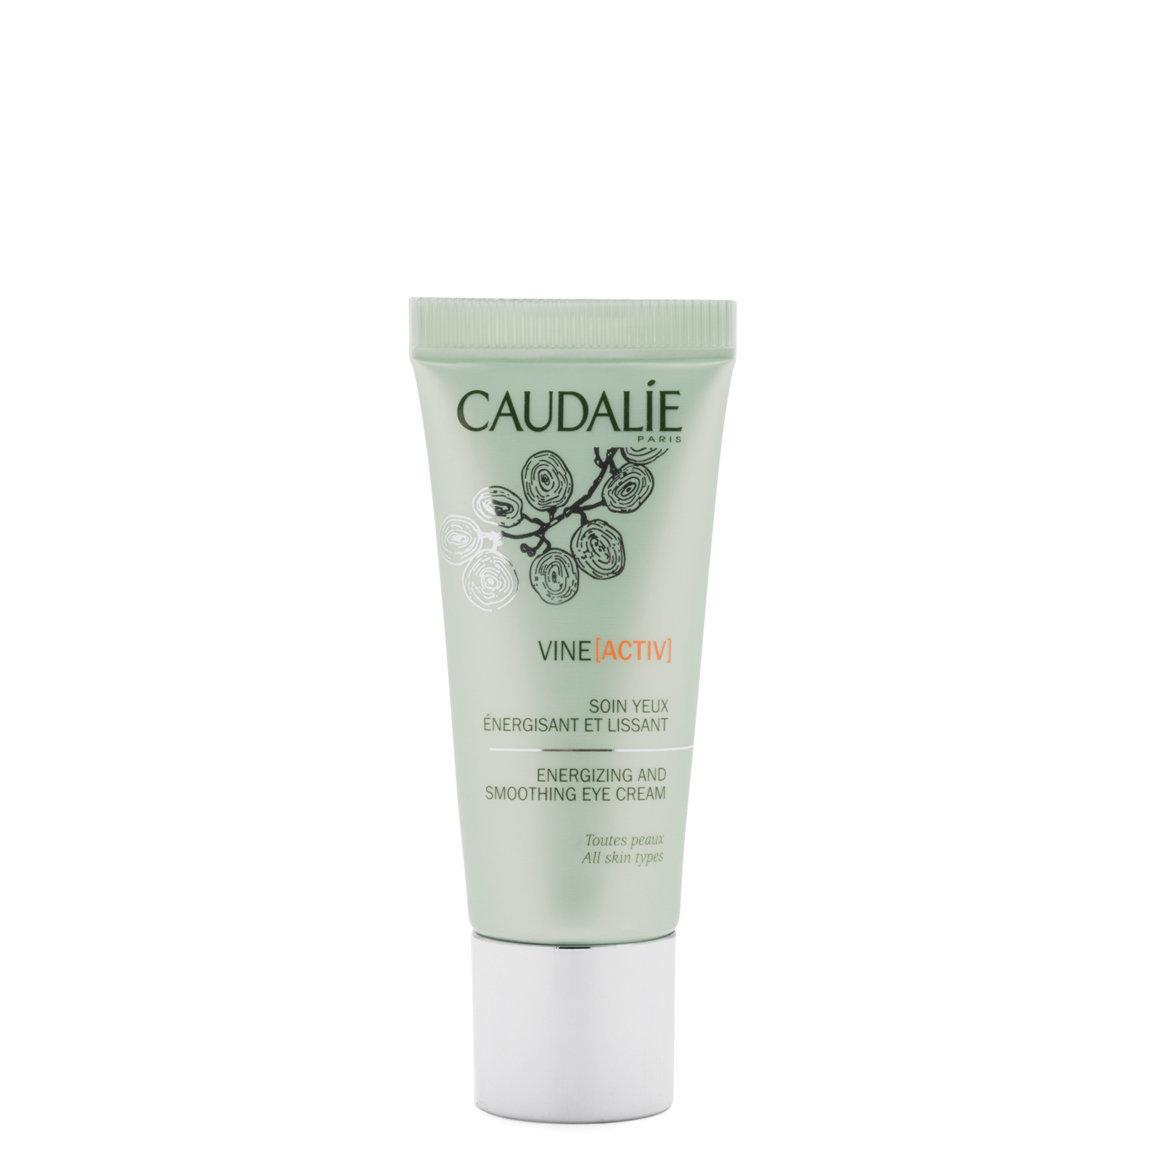 Caudalie Vine[activ] Energizing And Smoothing Eye Cream Vine[activ] Energizing And ...